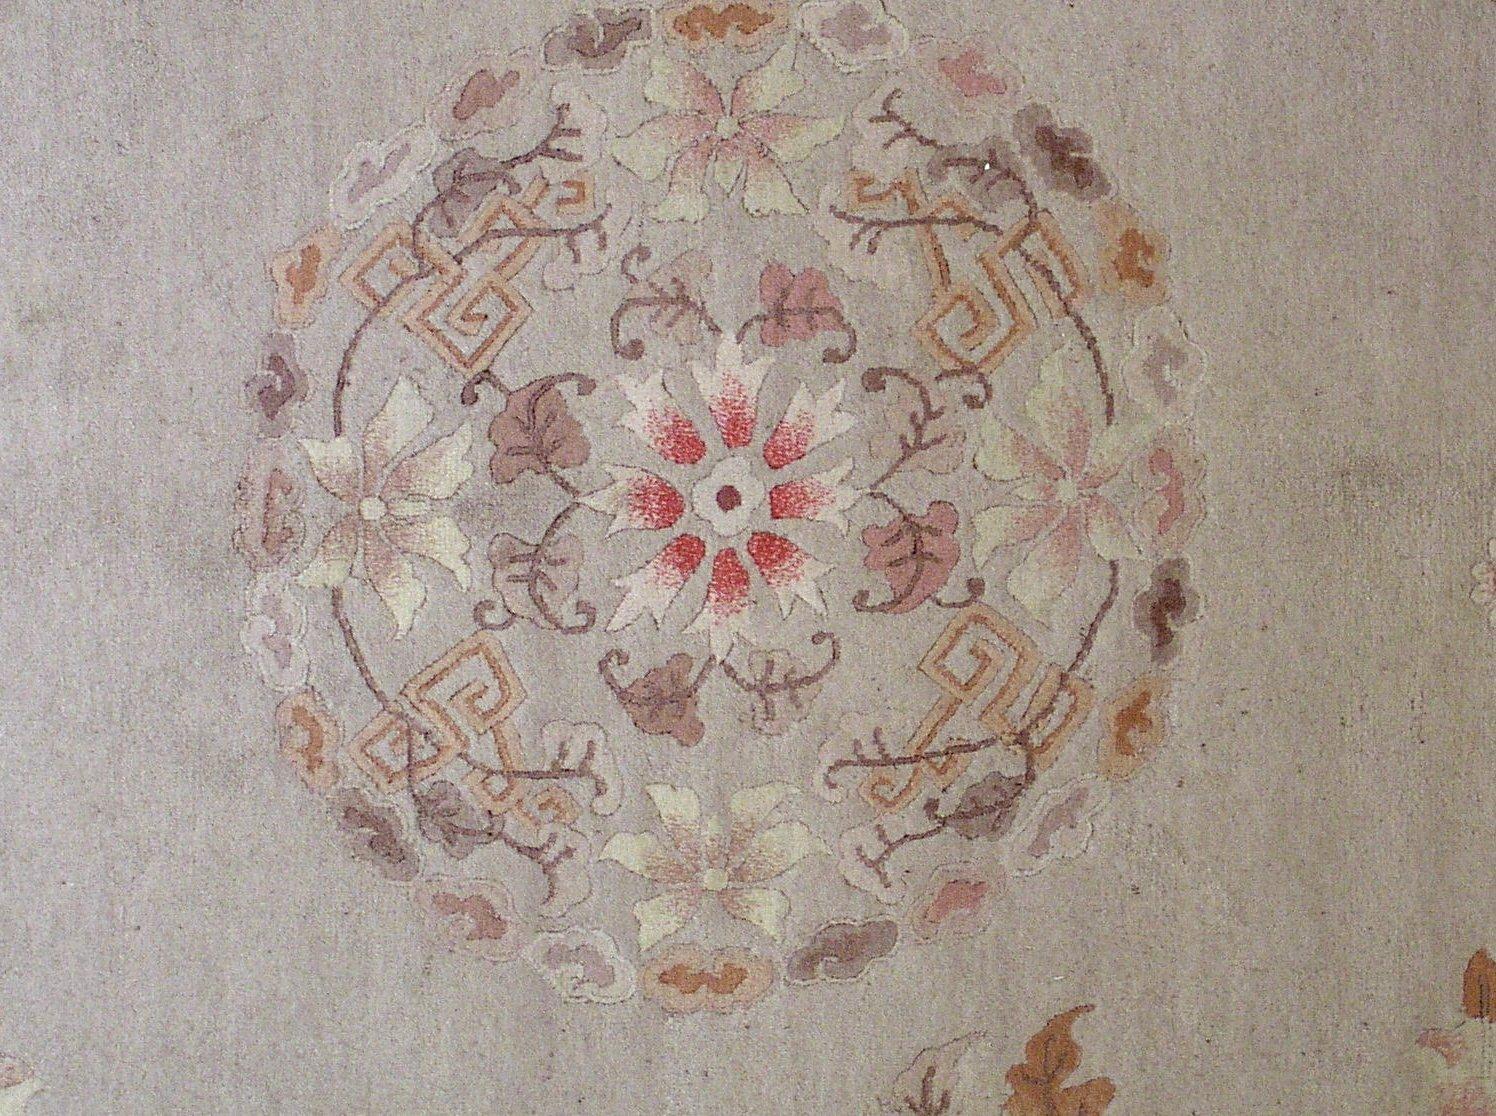 tapis art deco fait main chine 1930s 2 Résultat Supérieur 60 Meilleur De Tapis Fait Main Pic 2018 Ksh4